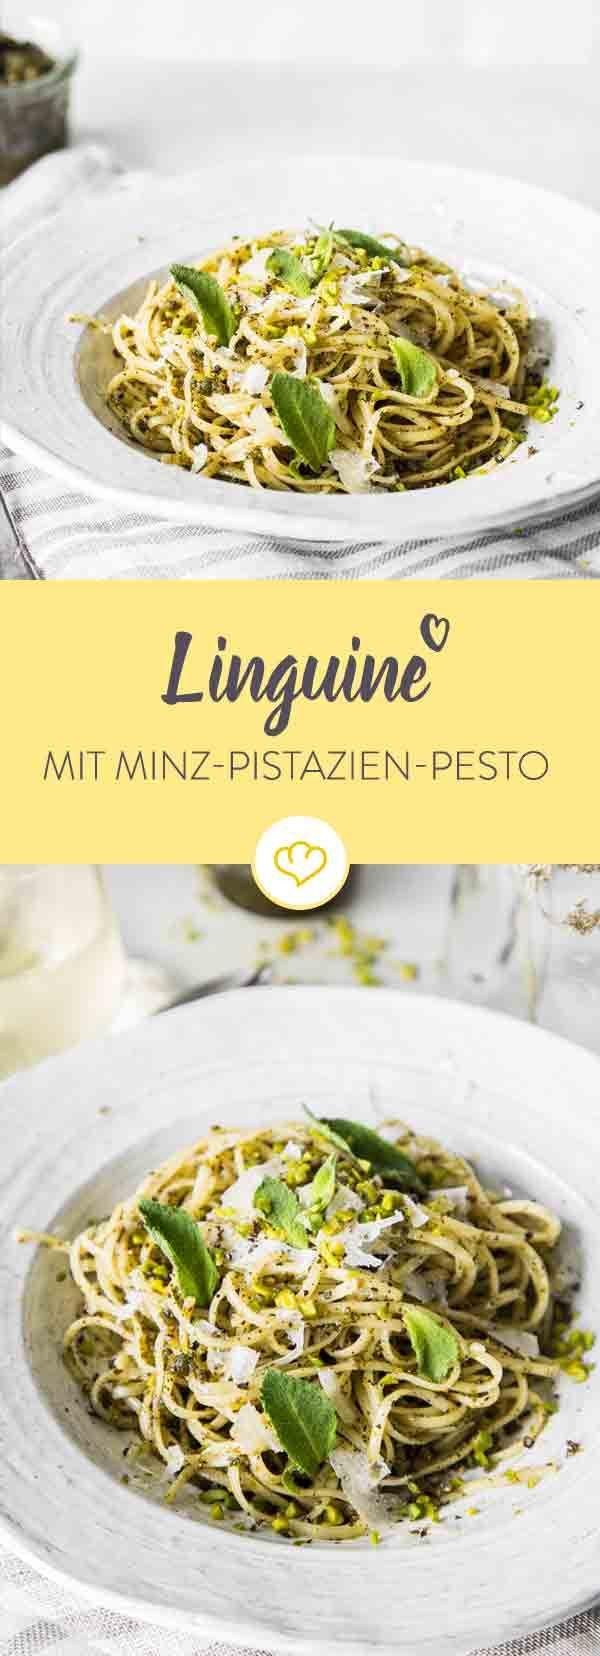 Zu diesen Linguine mit Pistazien-Minz-Pesto kommt noch Pecorino. Ein Gericht, dass sich schnell zubereiten lässt, frisch schmeckt und satt macht.